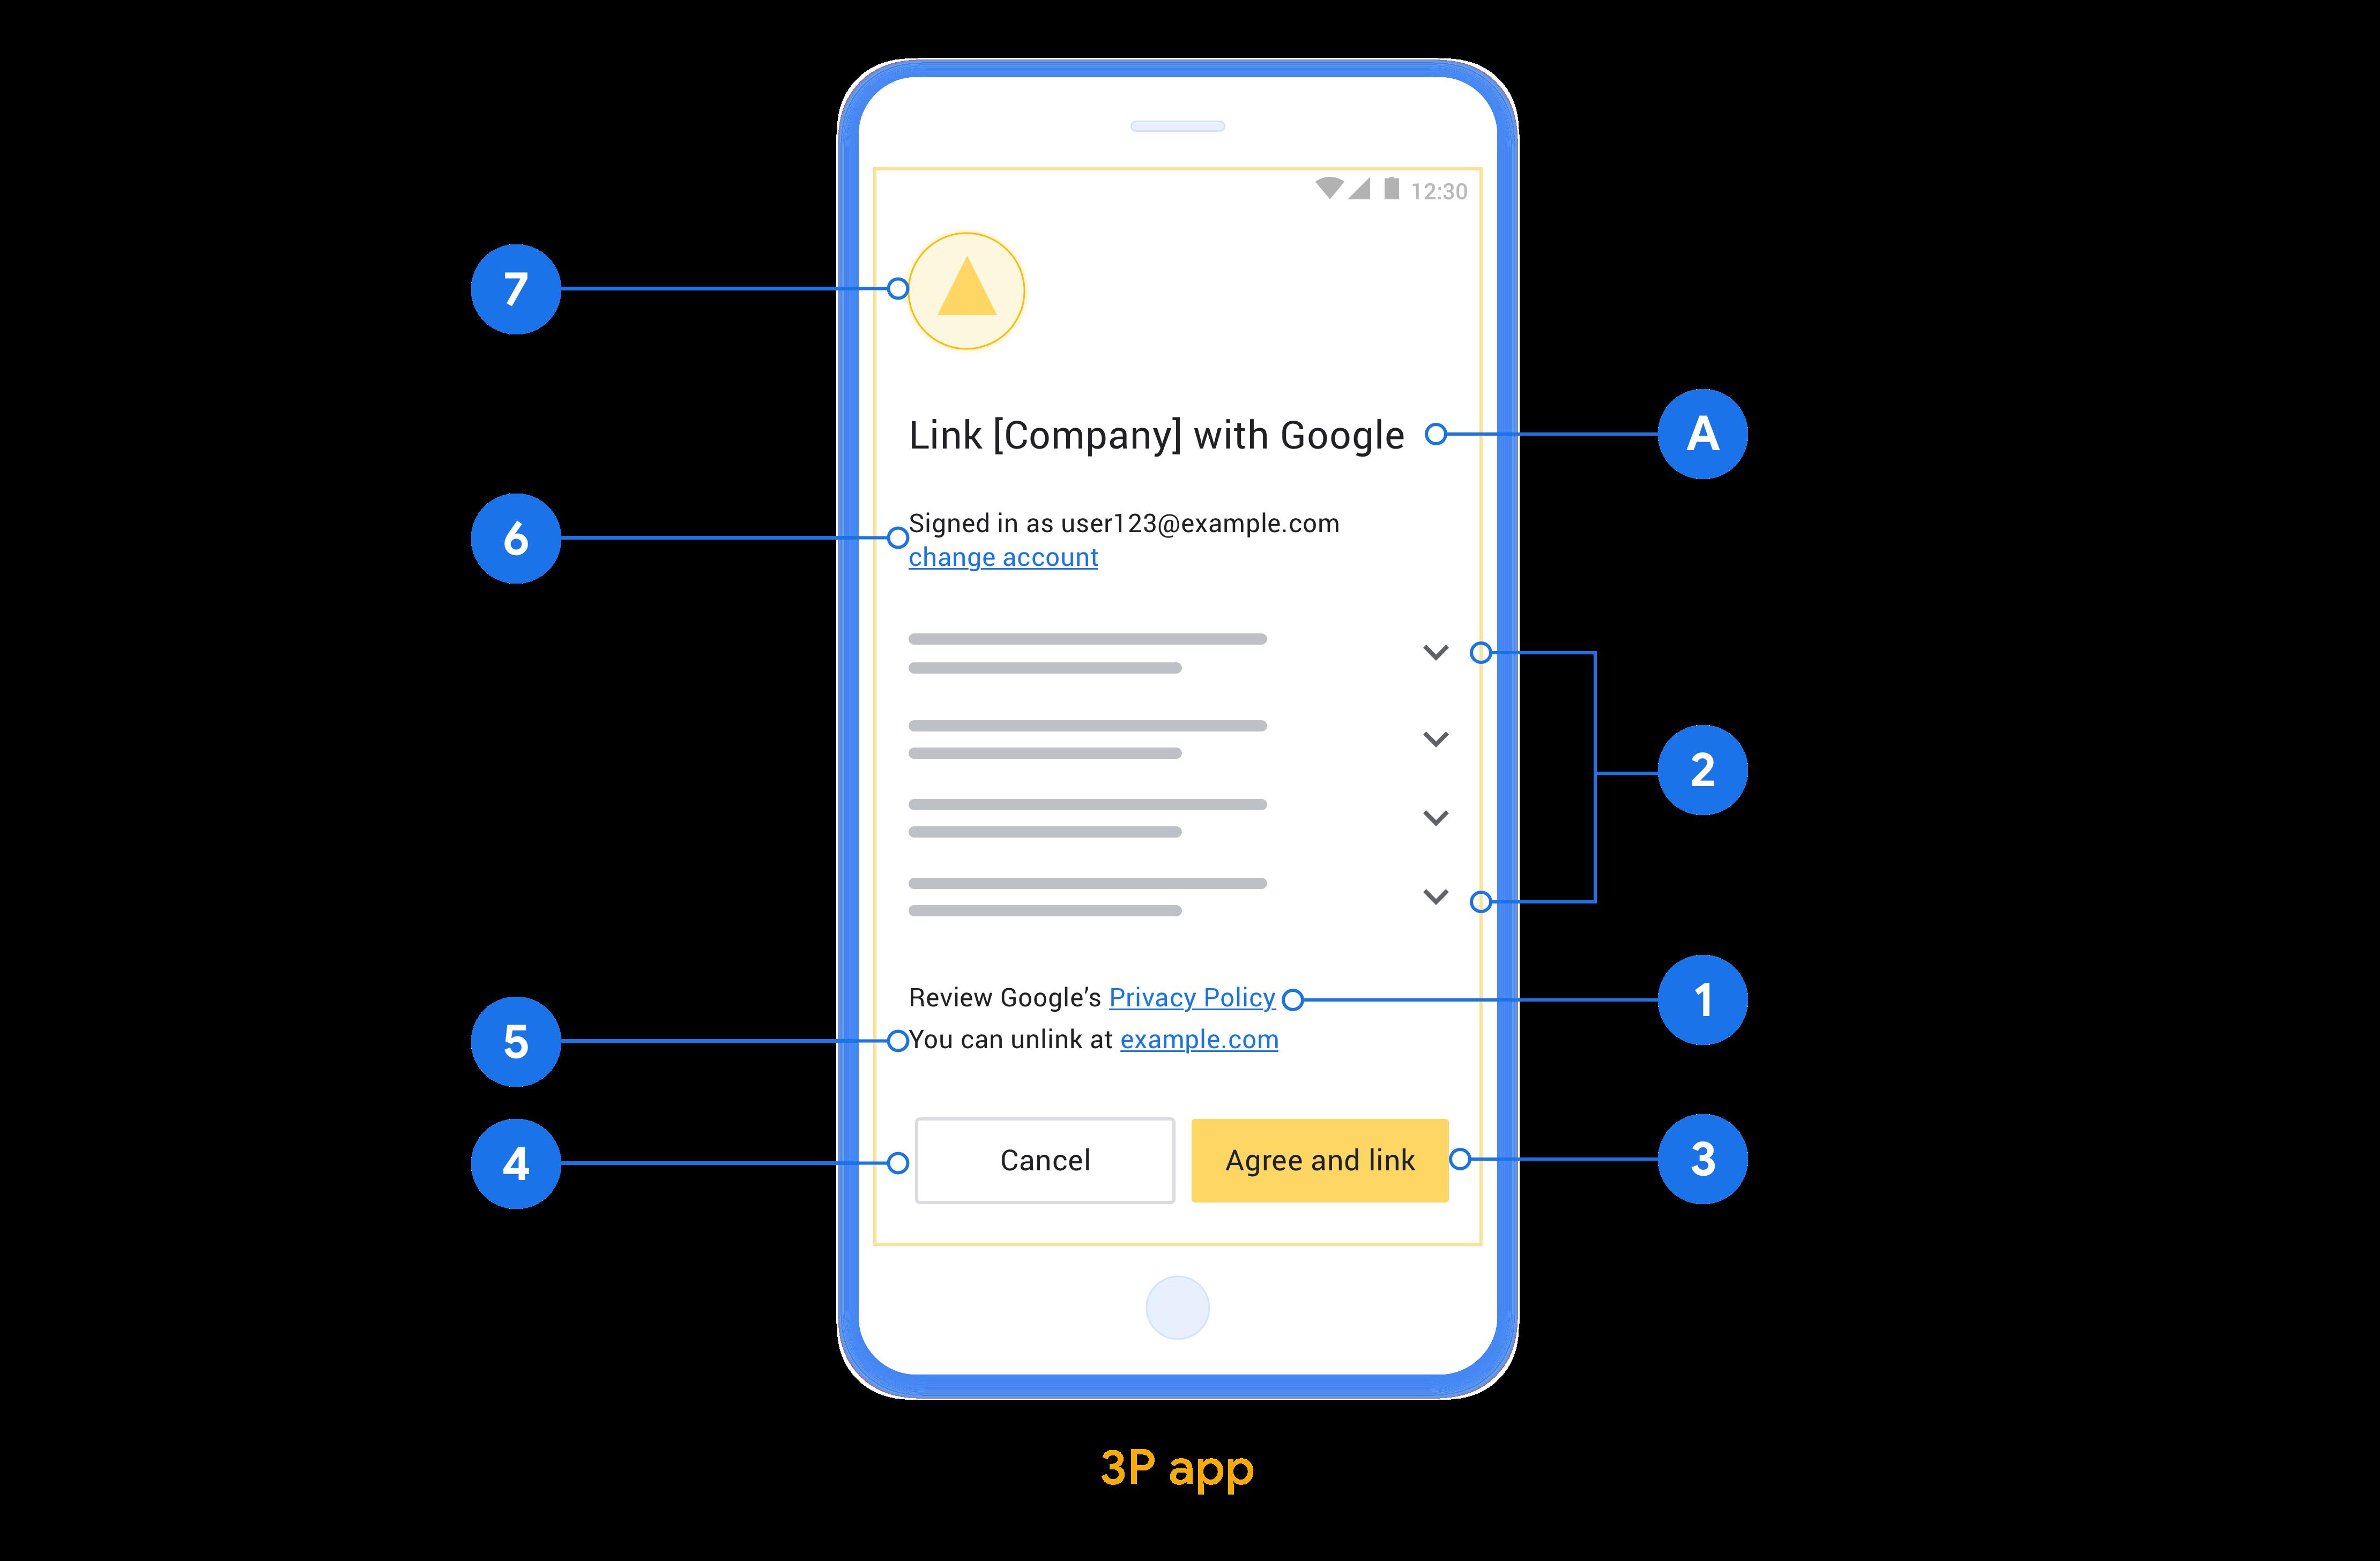 Esta figura mostra um exemplo de tela de consentimento com chamadas para os requisitos individuais e recomendações a serem seguidas ao projetar uma tela de consentimento do usuário.